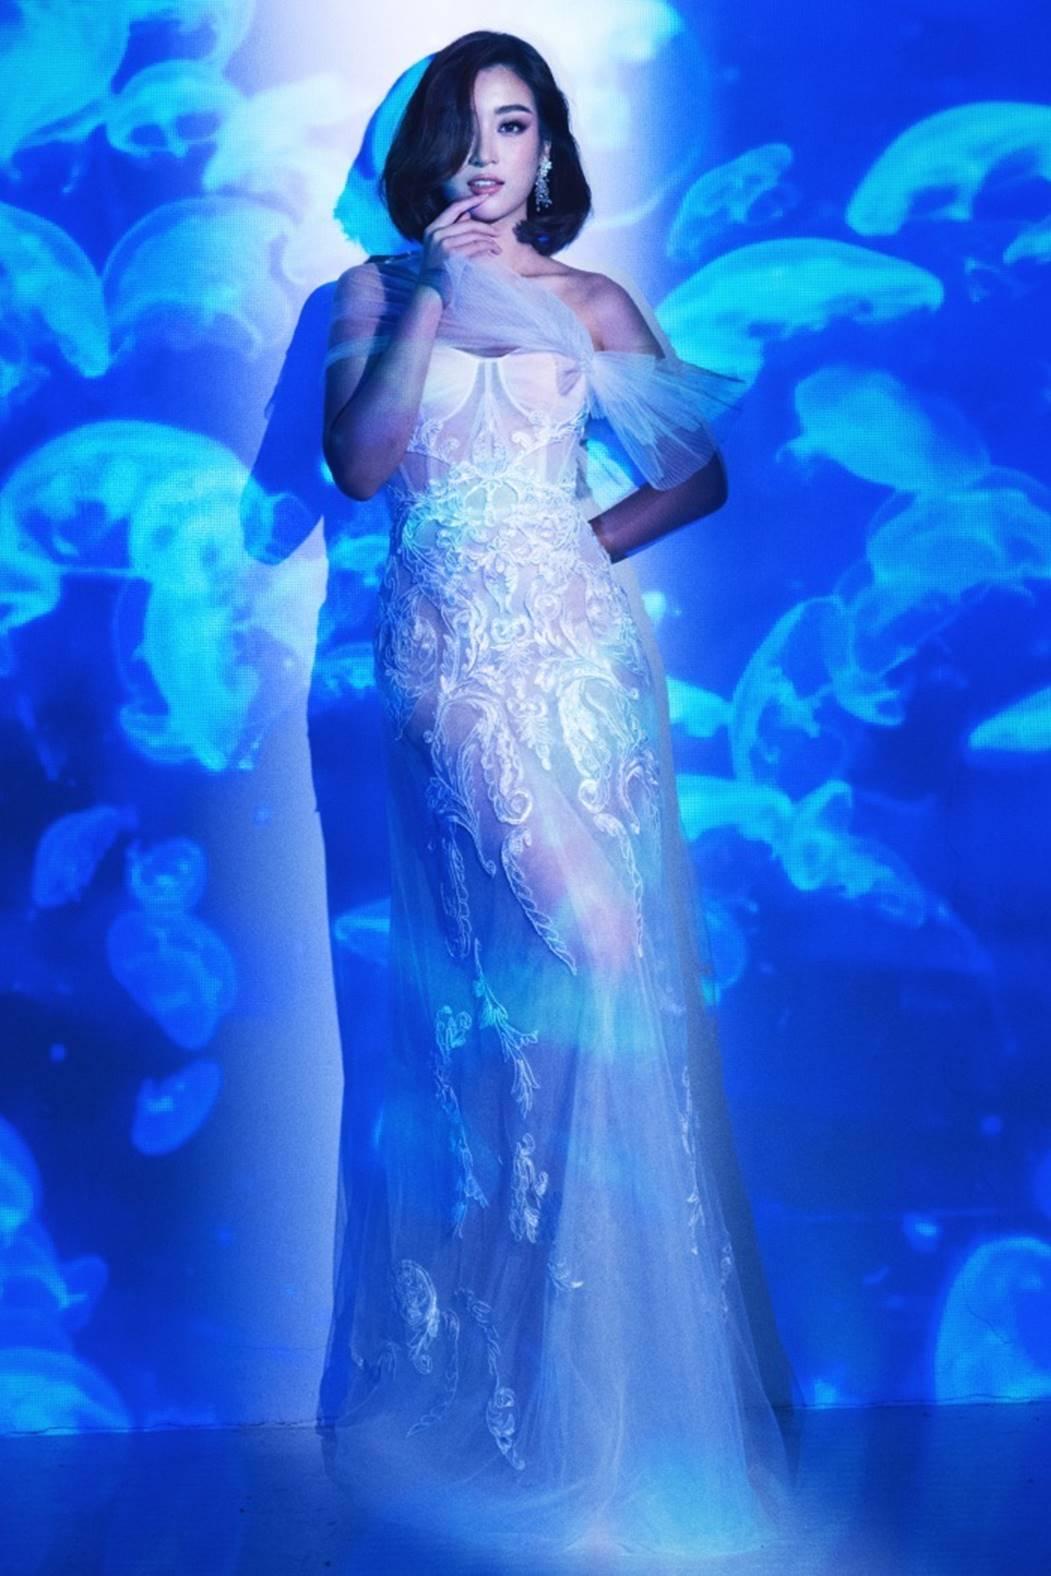 Đỗ Mỹ Linh, Tiểu Vy đẹp mê hoặc trong hình tượng nữ thần biển cả-2